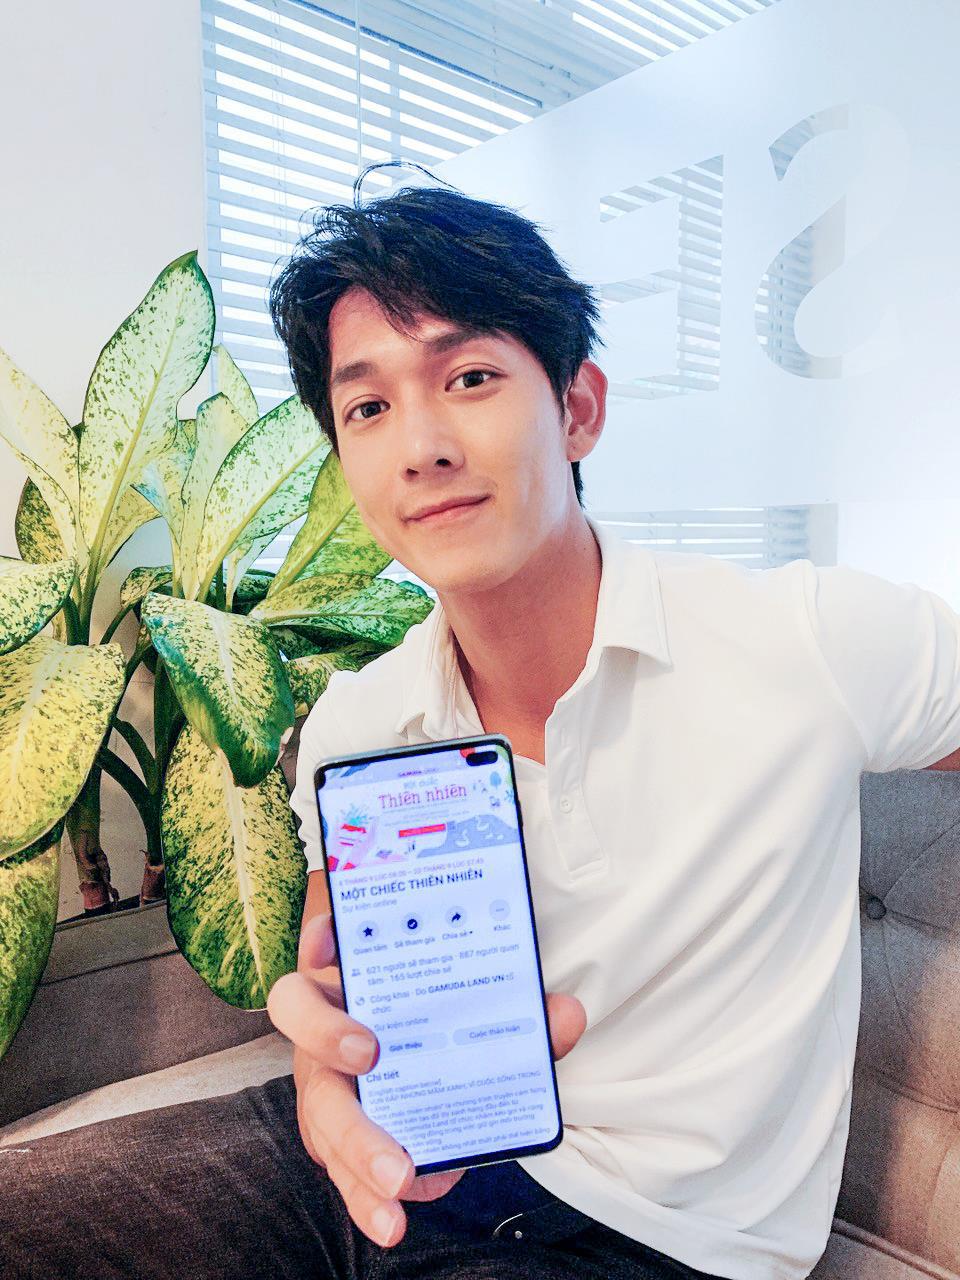 """Sao Việt hào hứng tham gia chiến dịch truyền cảm hứng siêu cute """"Một chiếc thiên nhiên"""" - Ảnh 5."""